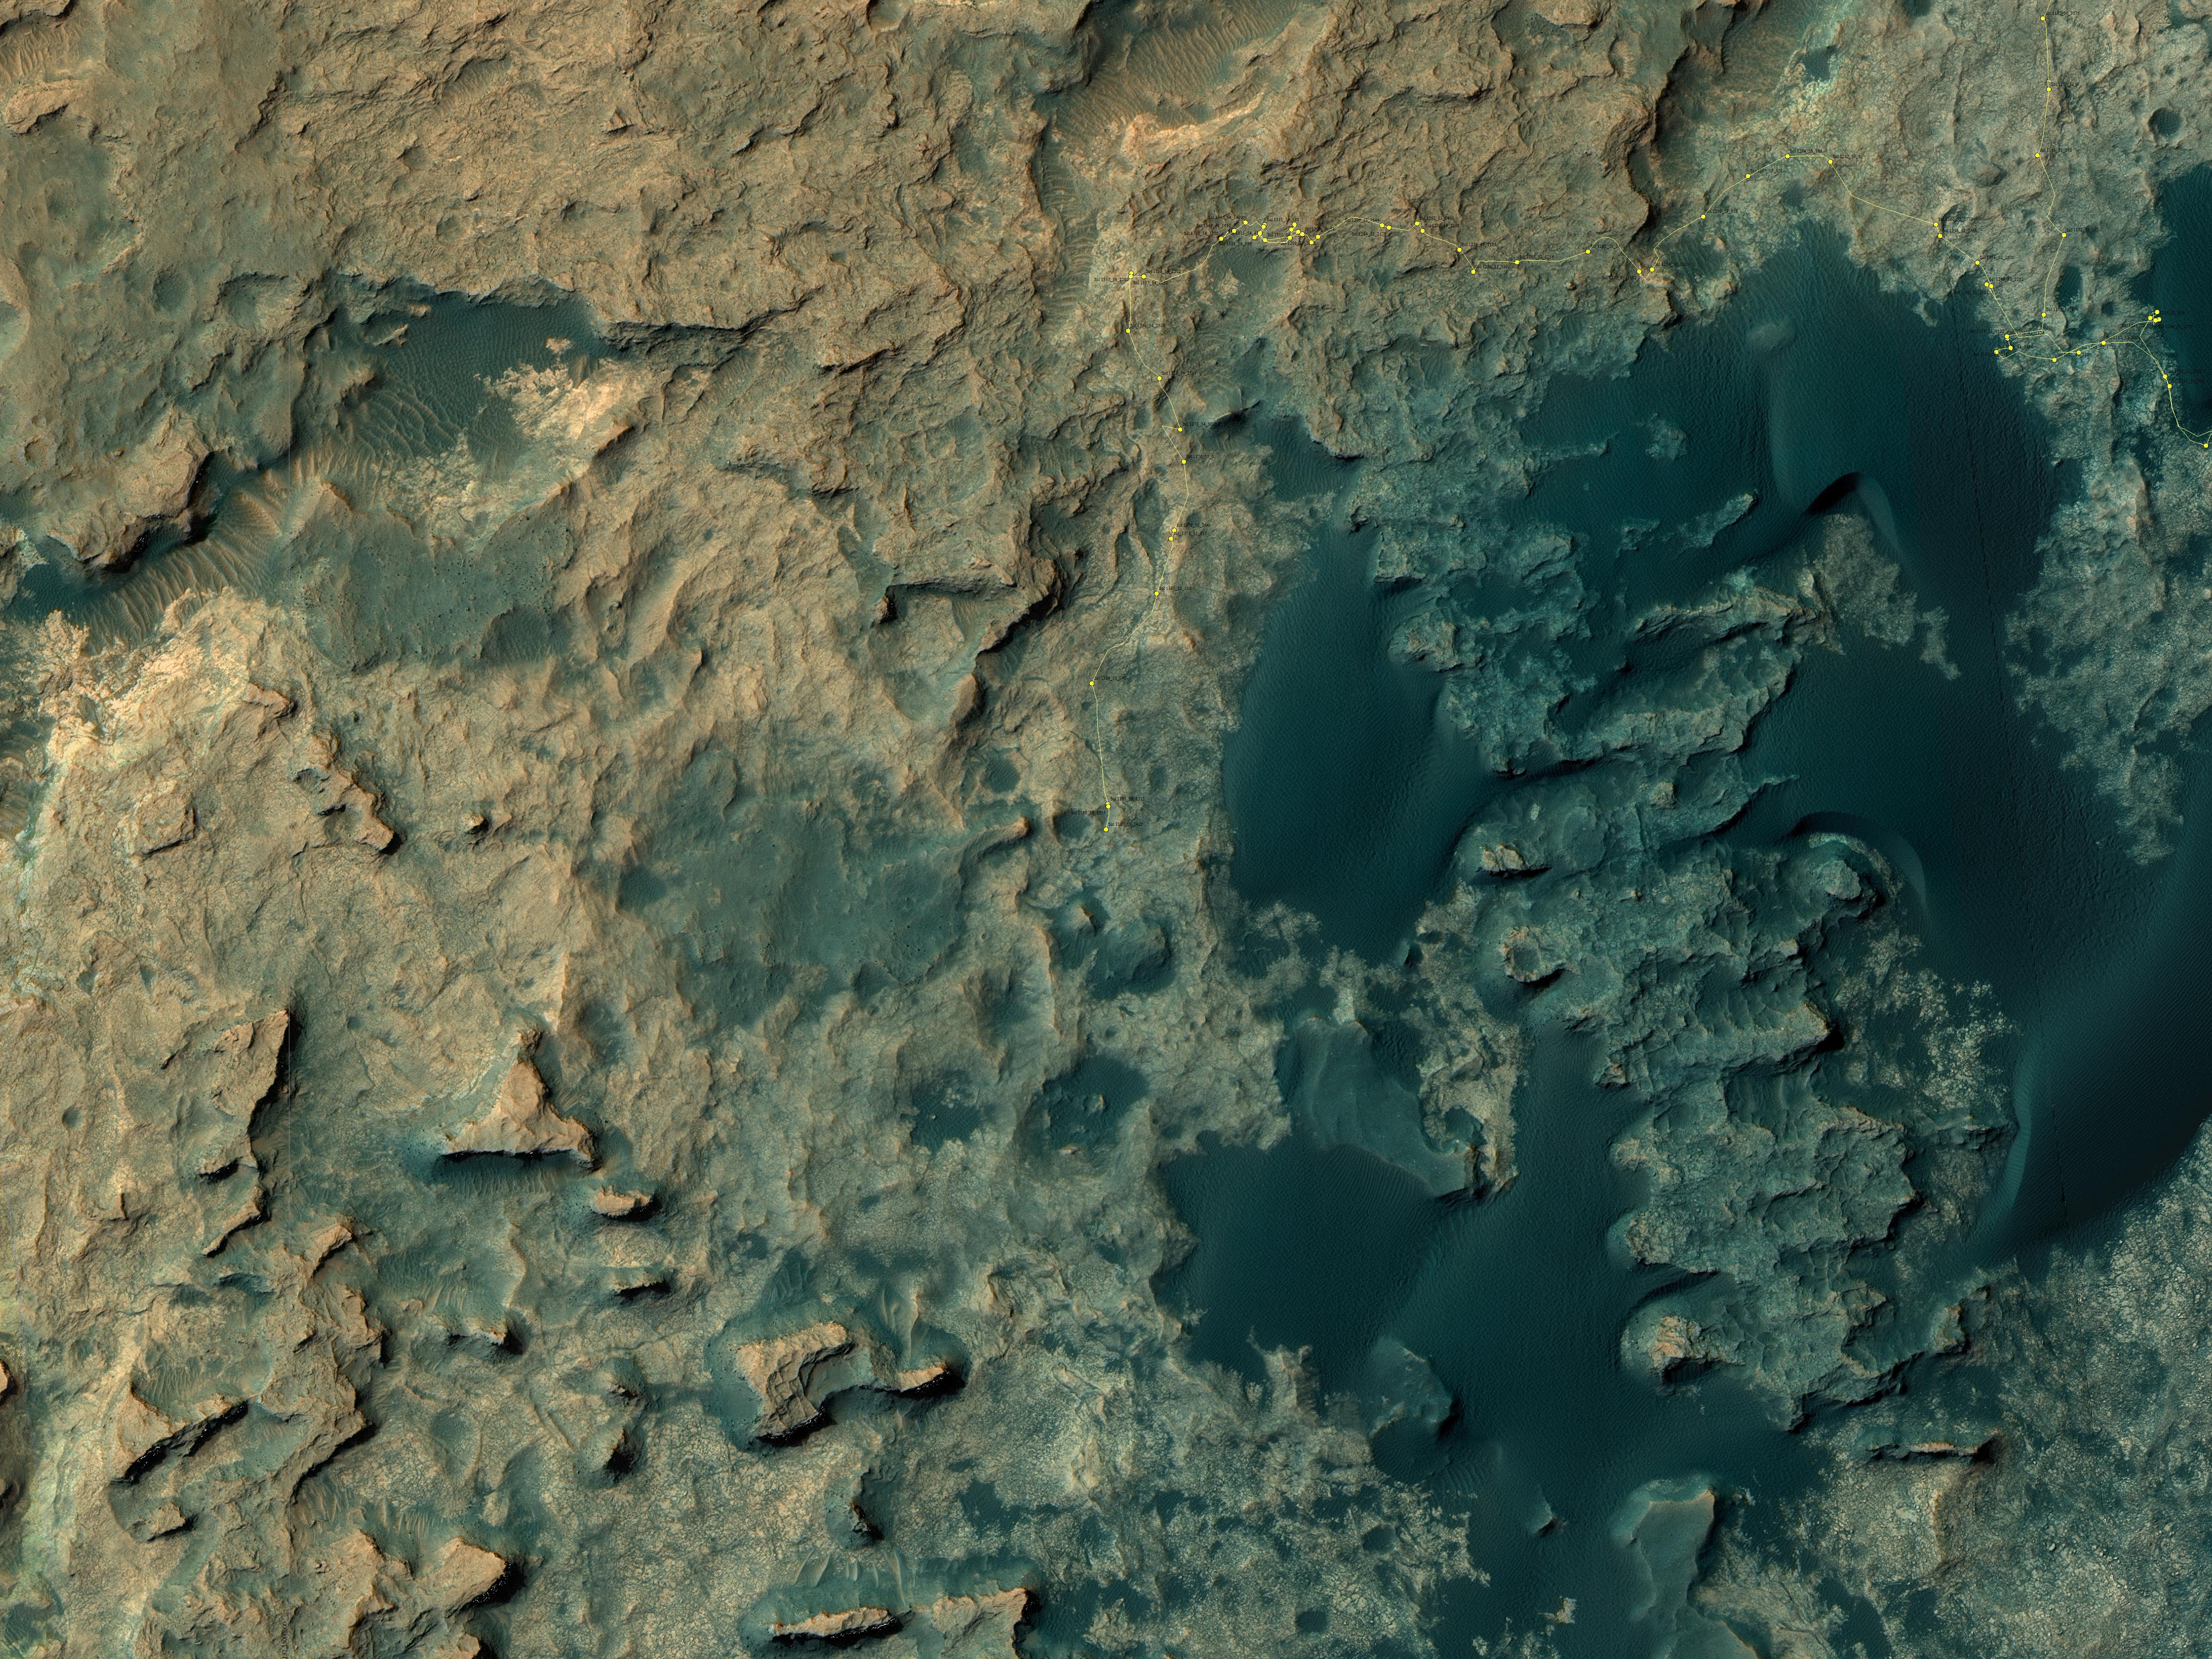 Curiosity_Location_Sol1387-full